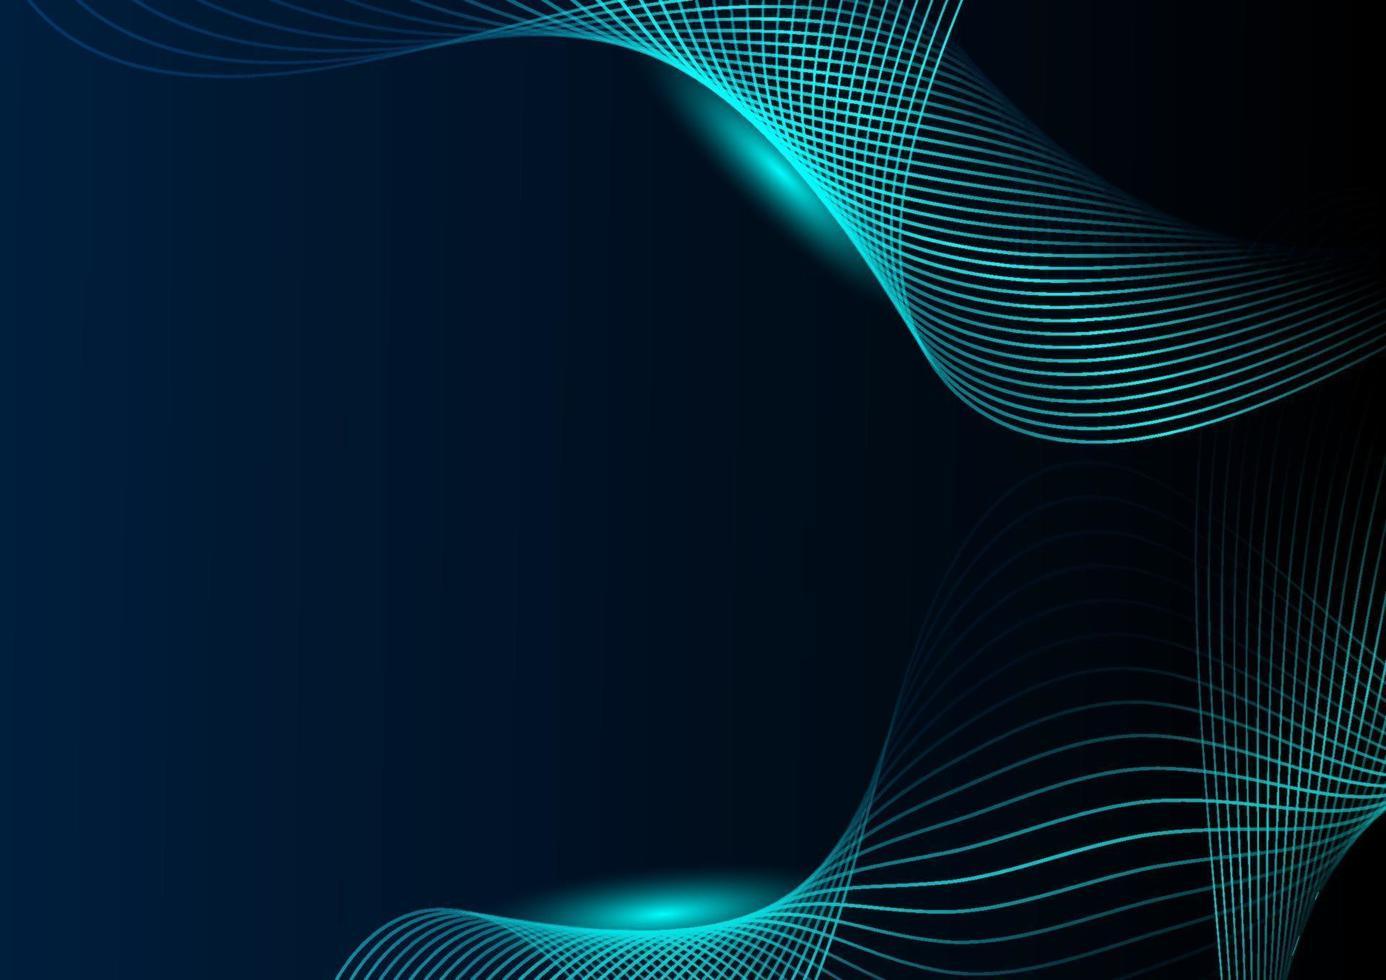 abstrakte glühende Welle grüne Linien auf dunklem Hintergrund. Technologiekonzept. vektor